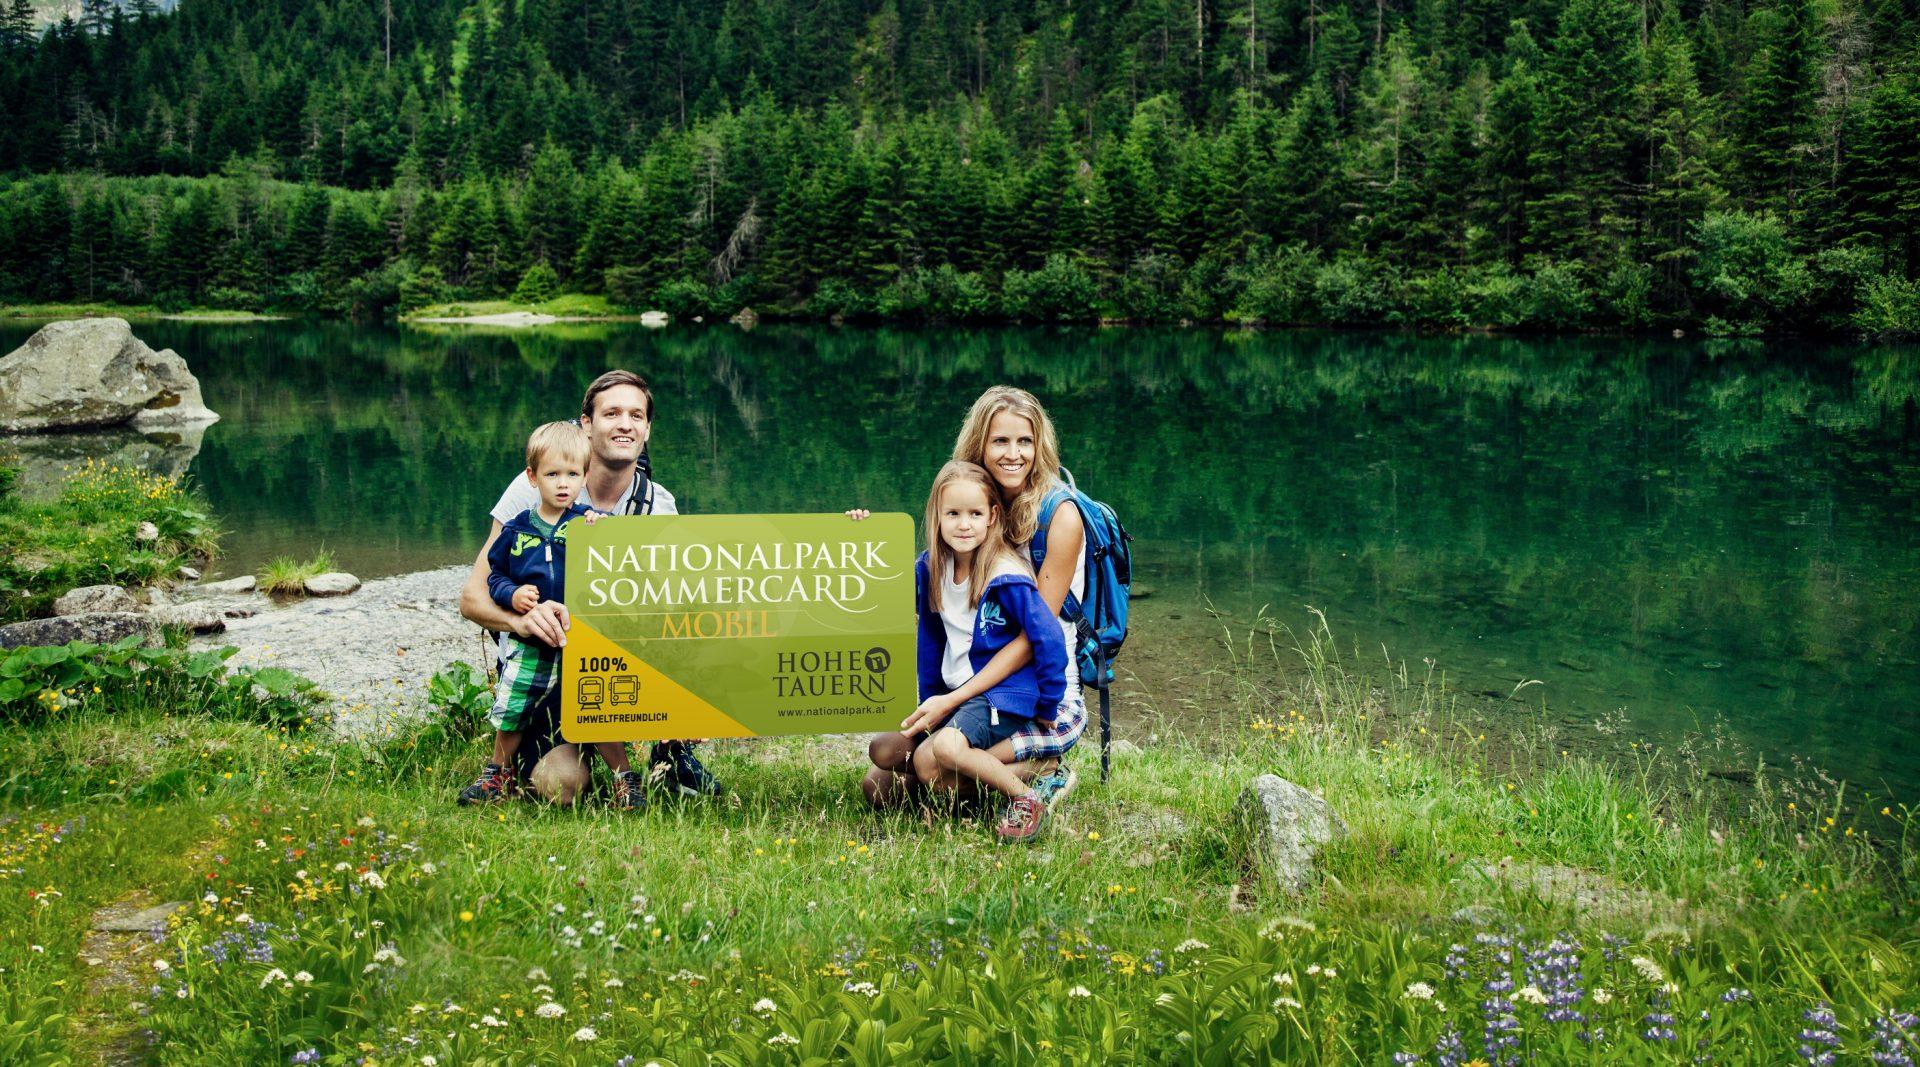 die-neue-nationalpark-sommercard-mobil-ferienregion-nationalpark-hohe-tauern